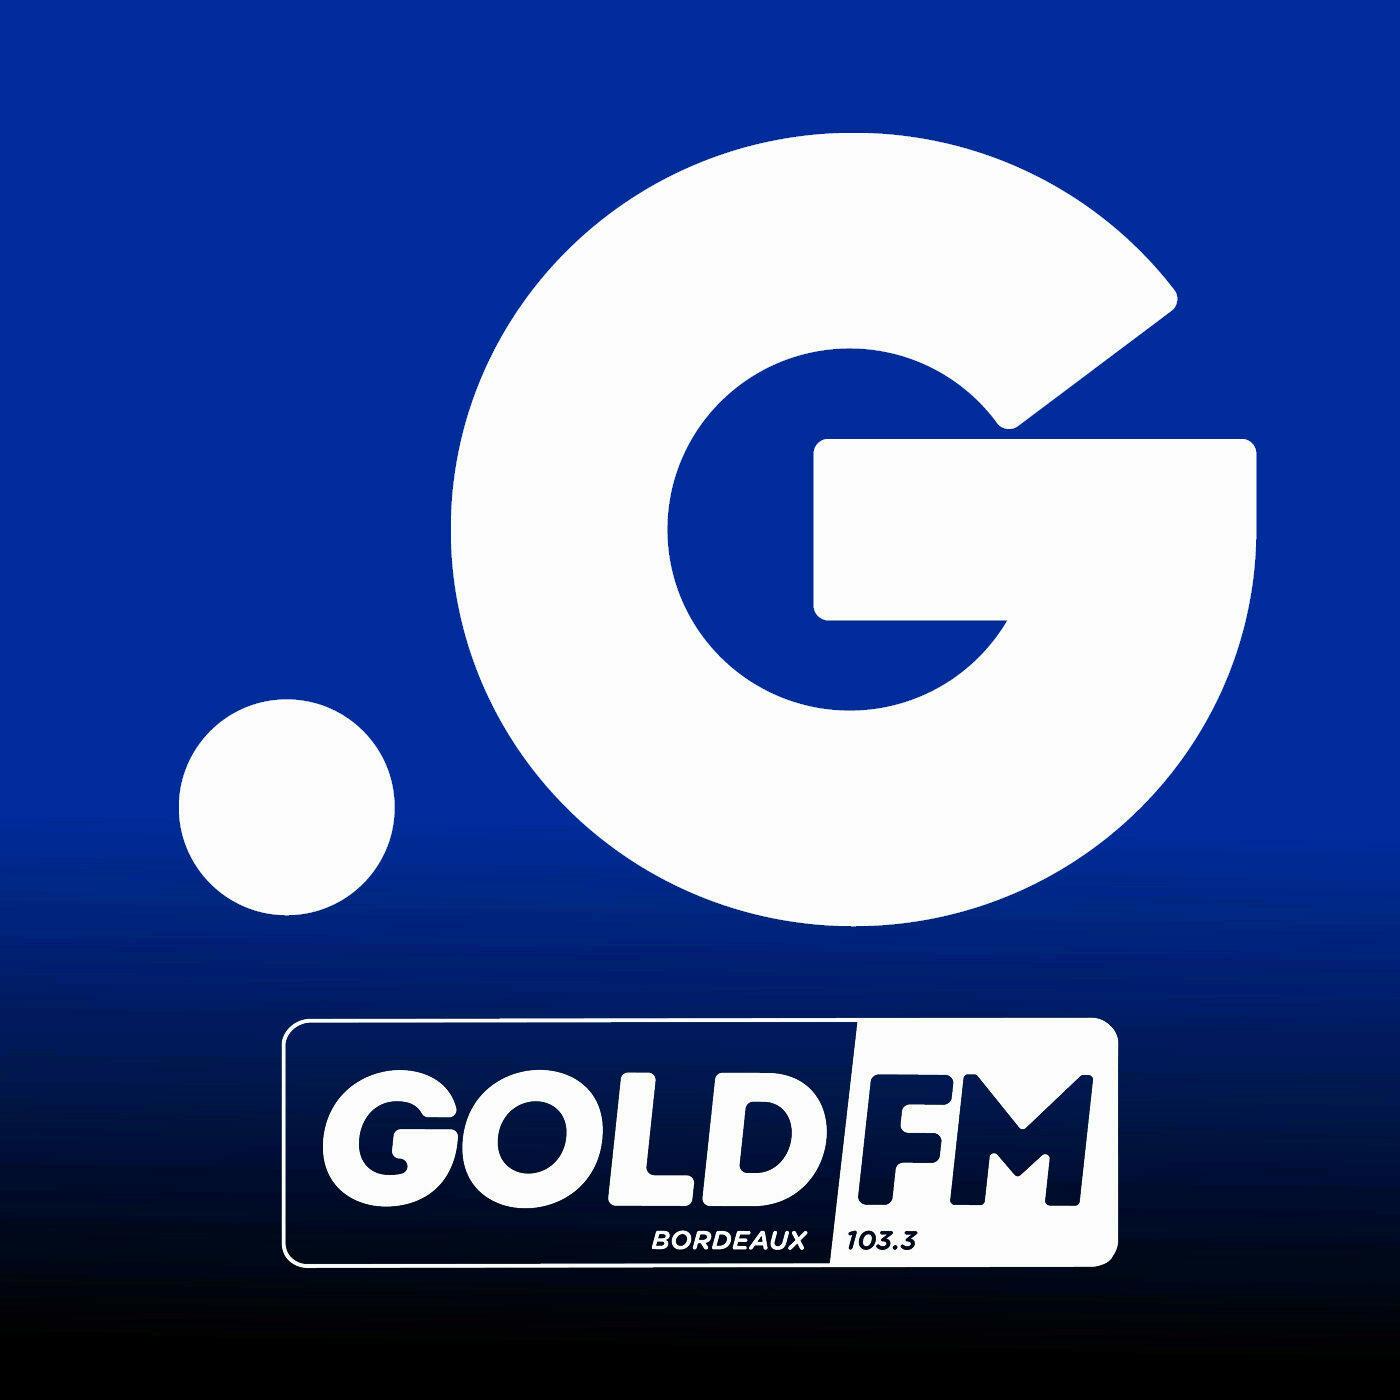 L'info Gold FM du 10.08.2021 à 18h00